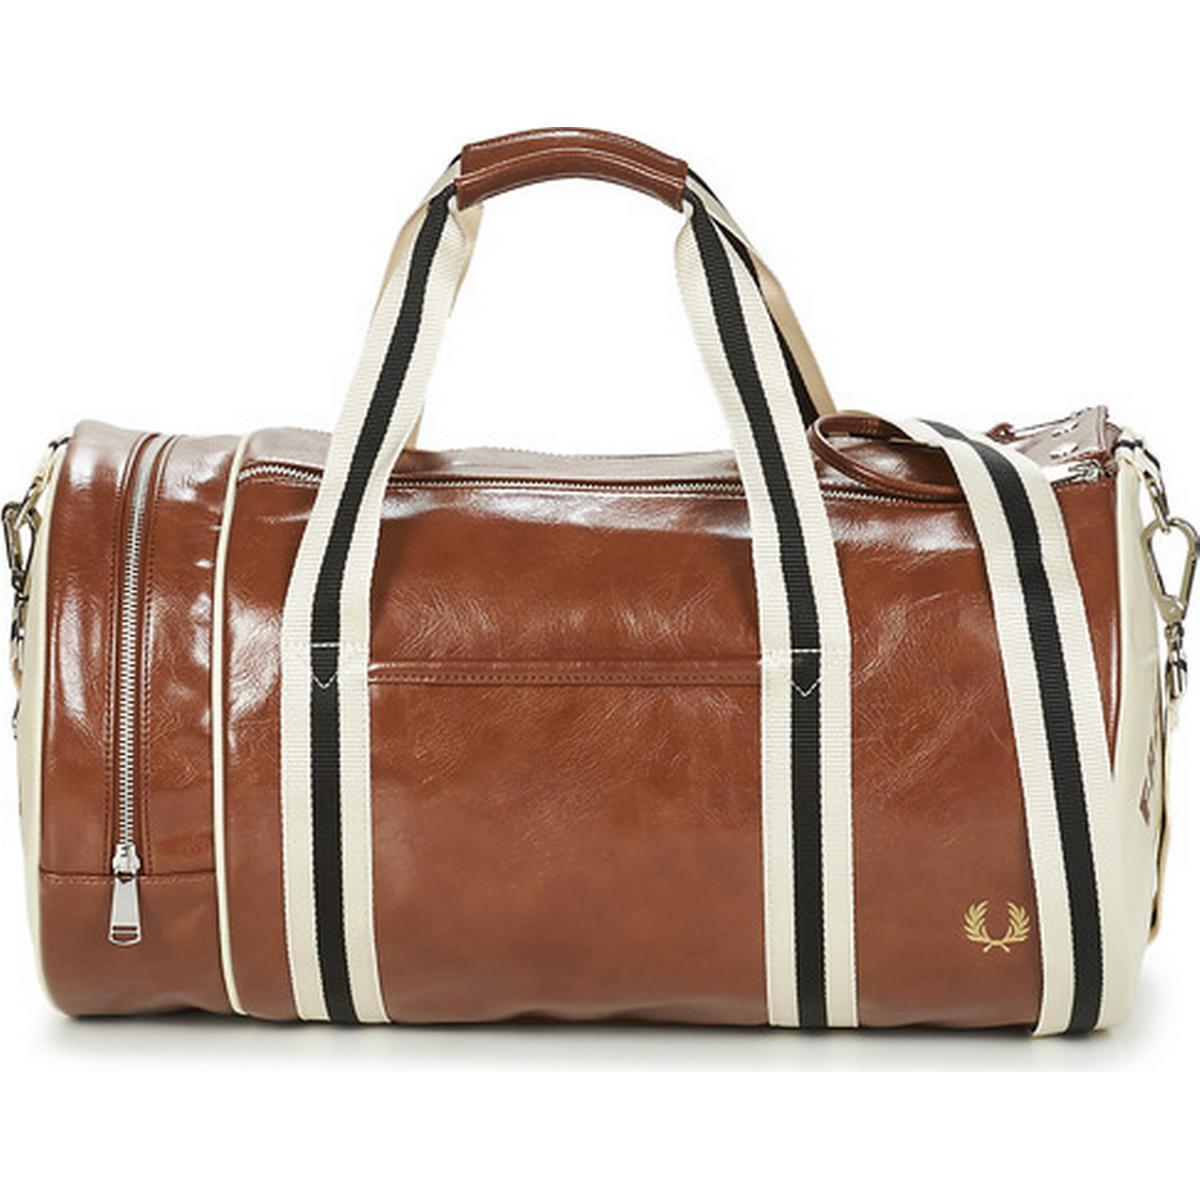 Fred Perry Väskor på rea (71 produkter) hos PriceRunner • Se